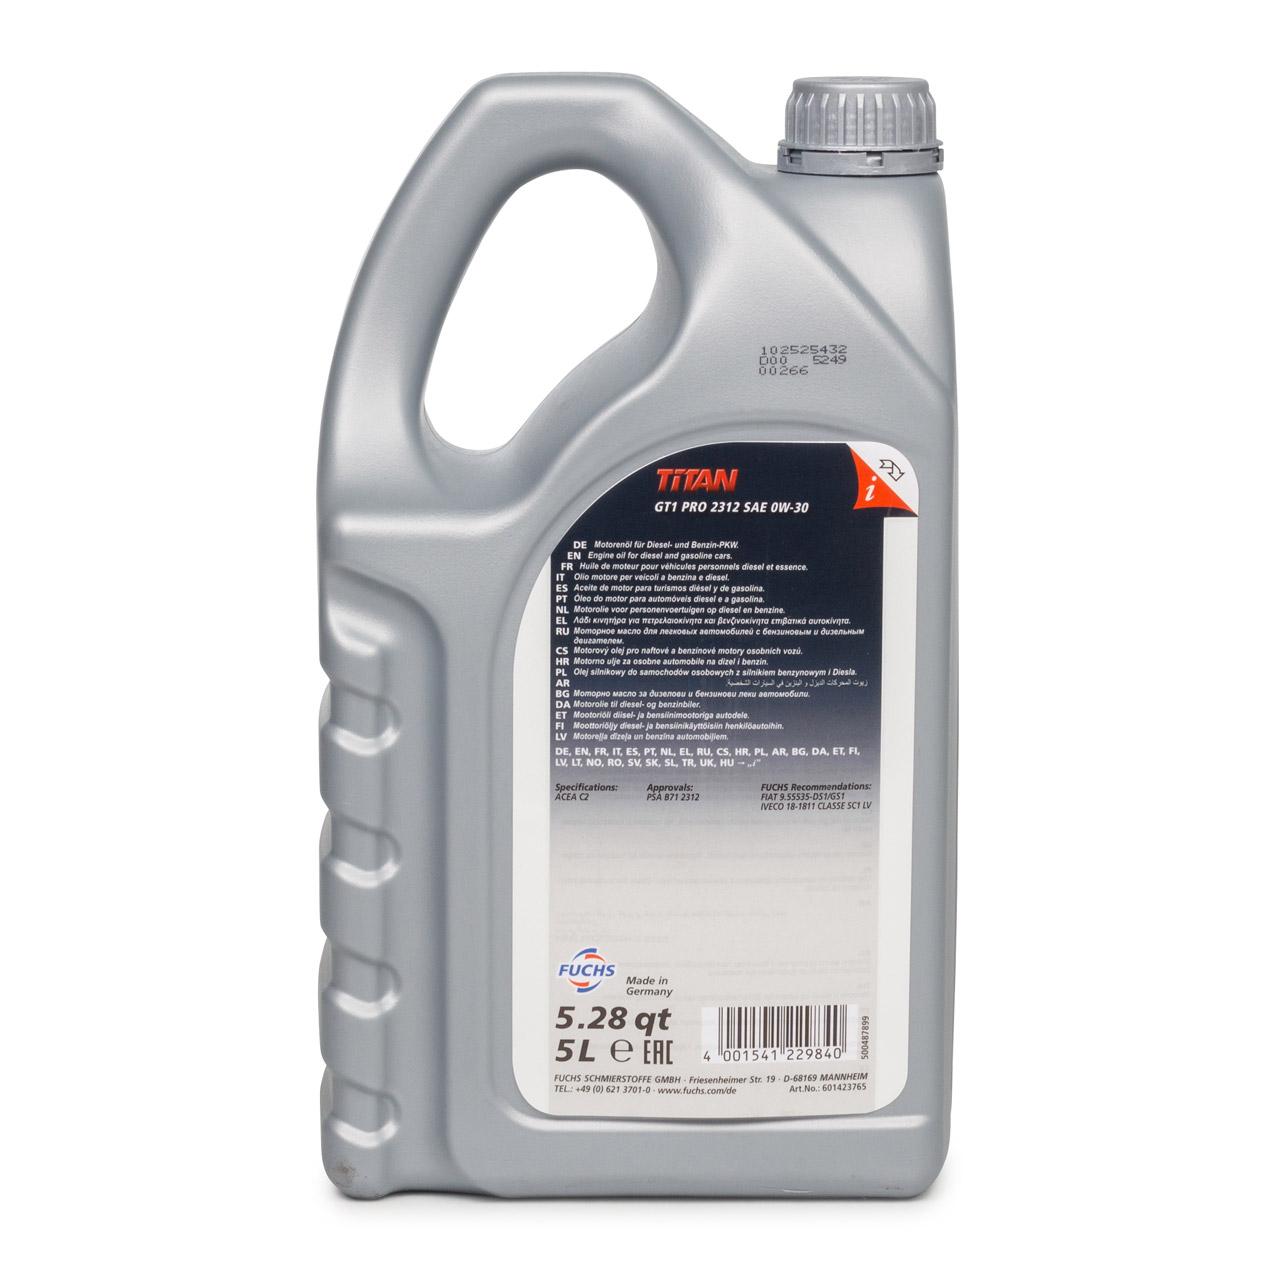 FUCHS Motoröl ÖL TITAN GT1 PRO 2312 0W-30 0W30 ACEA C2 PSA B71 2312 - 5L 5 Liter